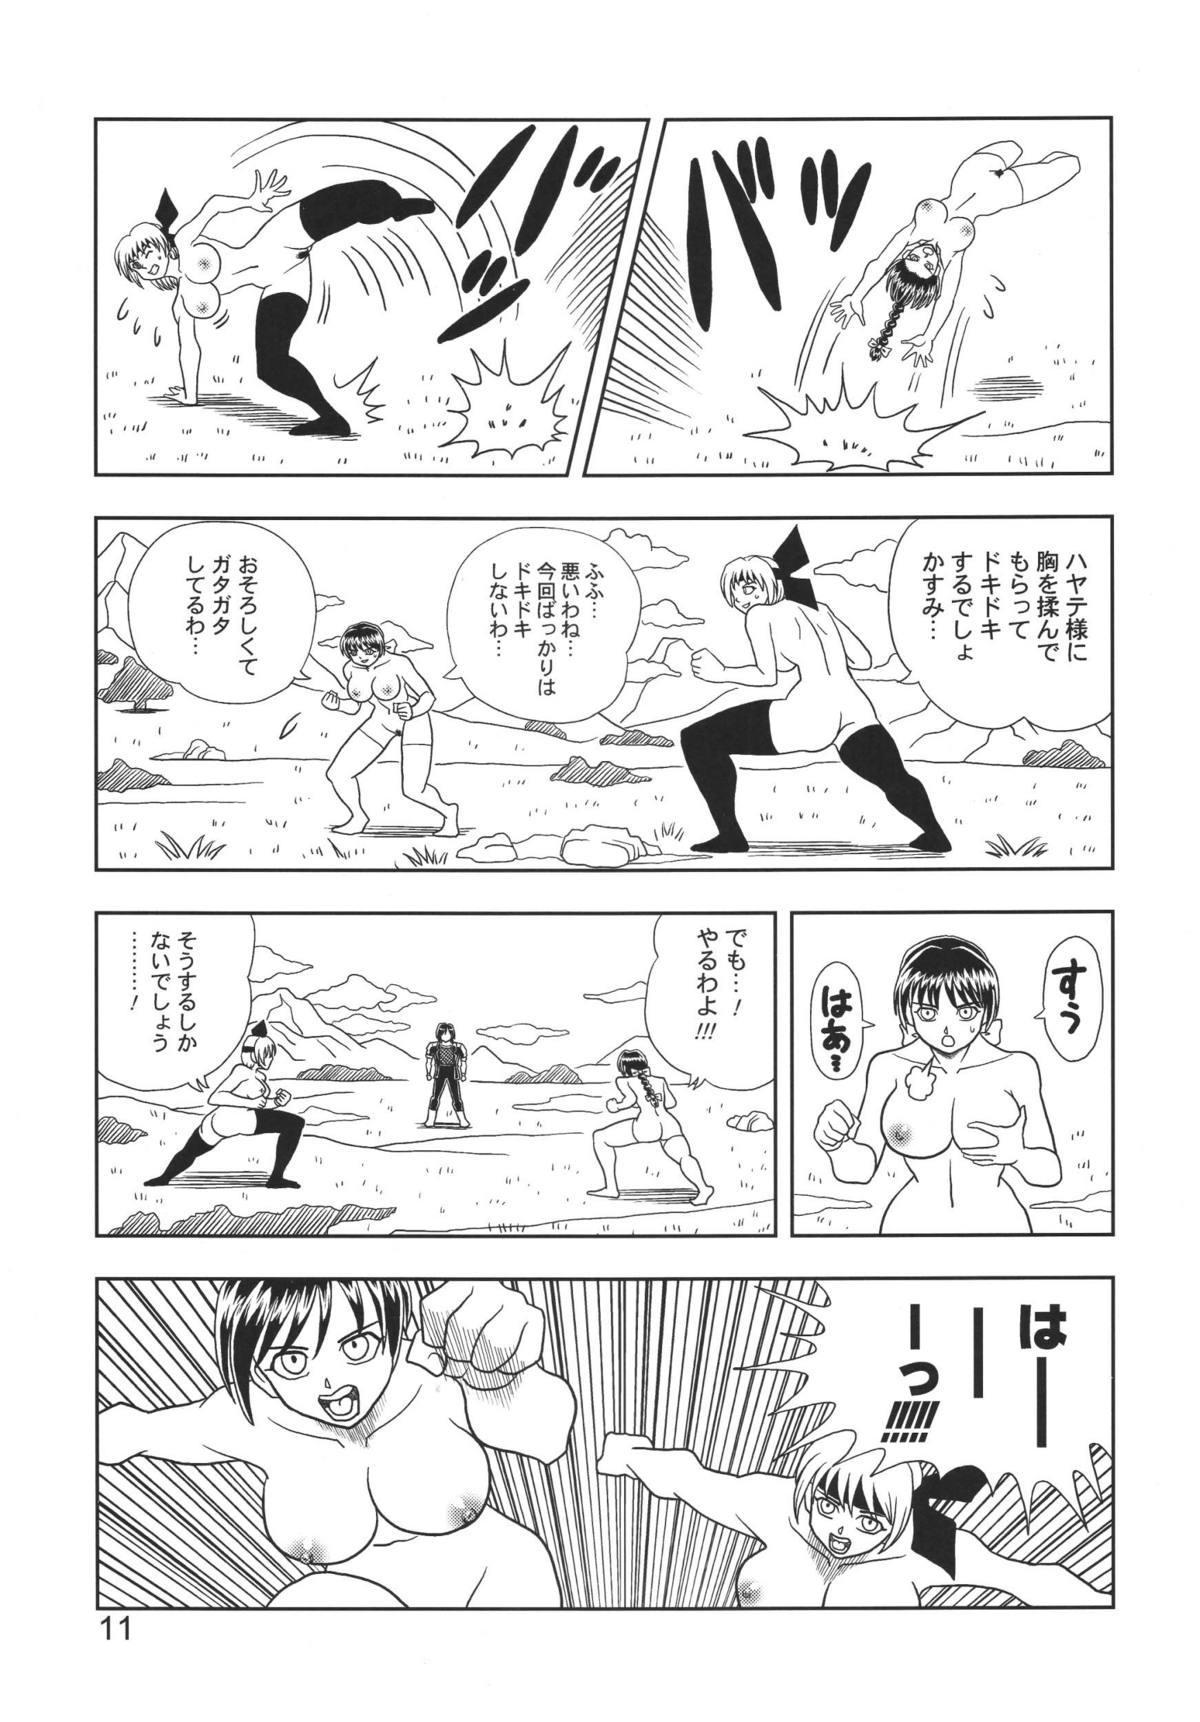 Kasumi or Ayane 10